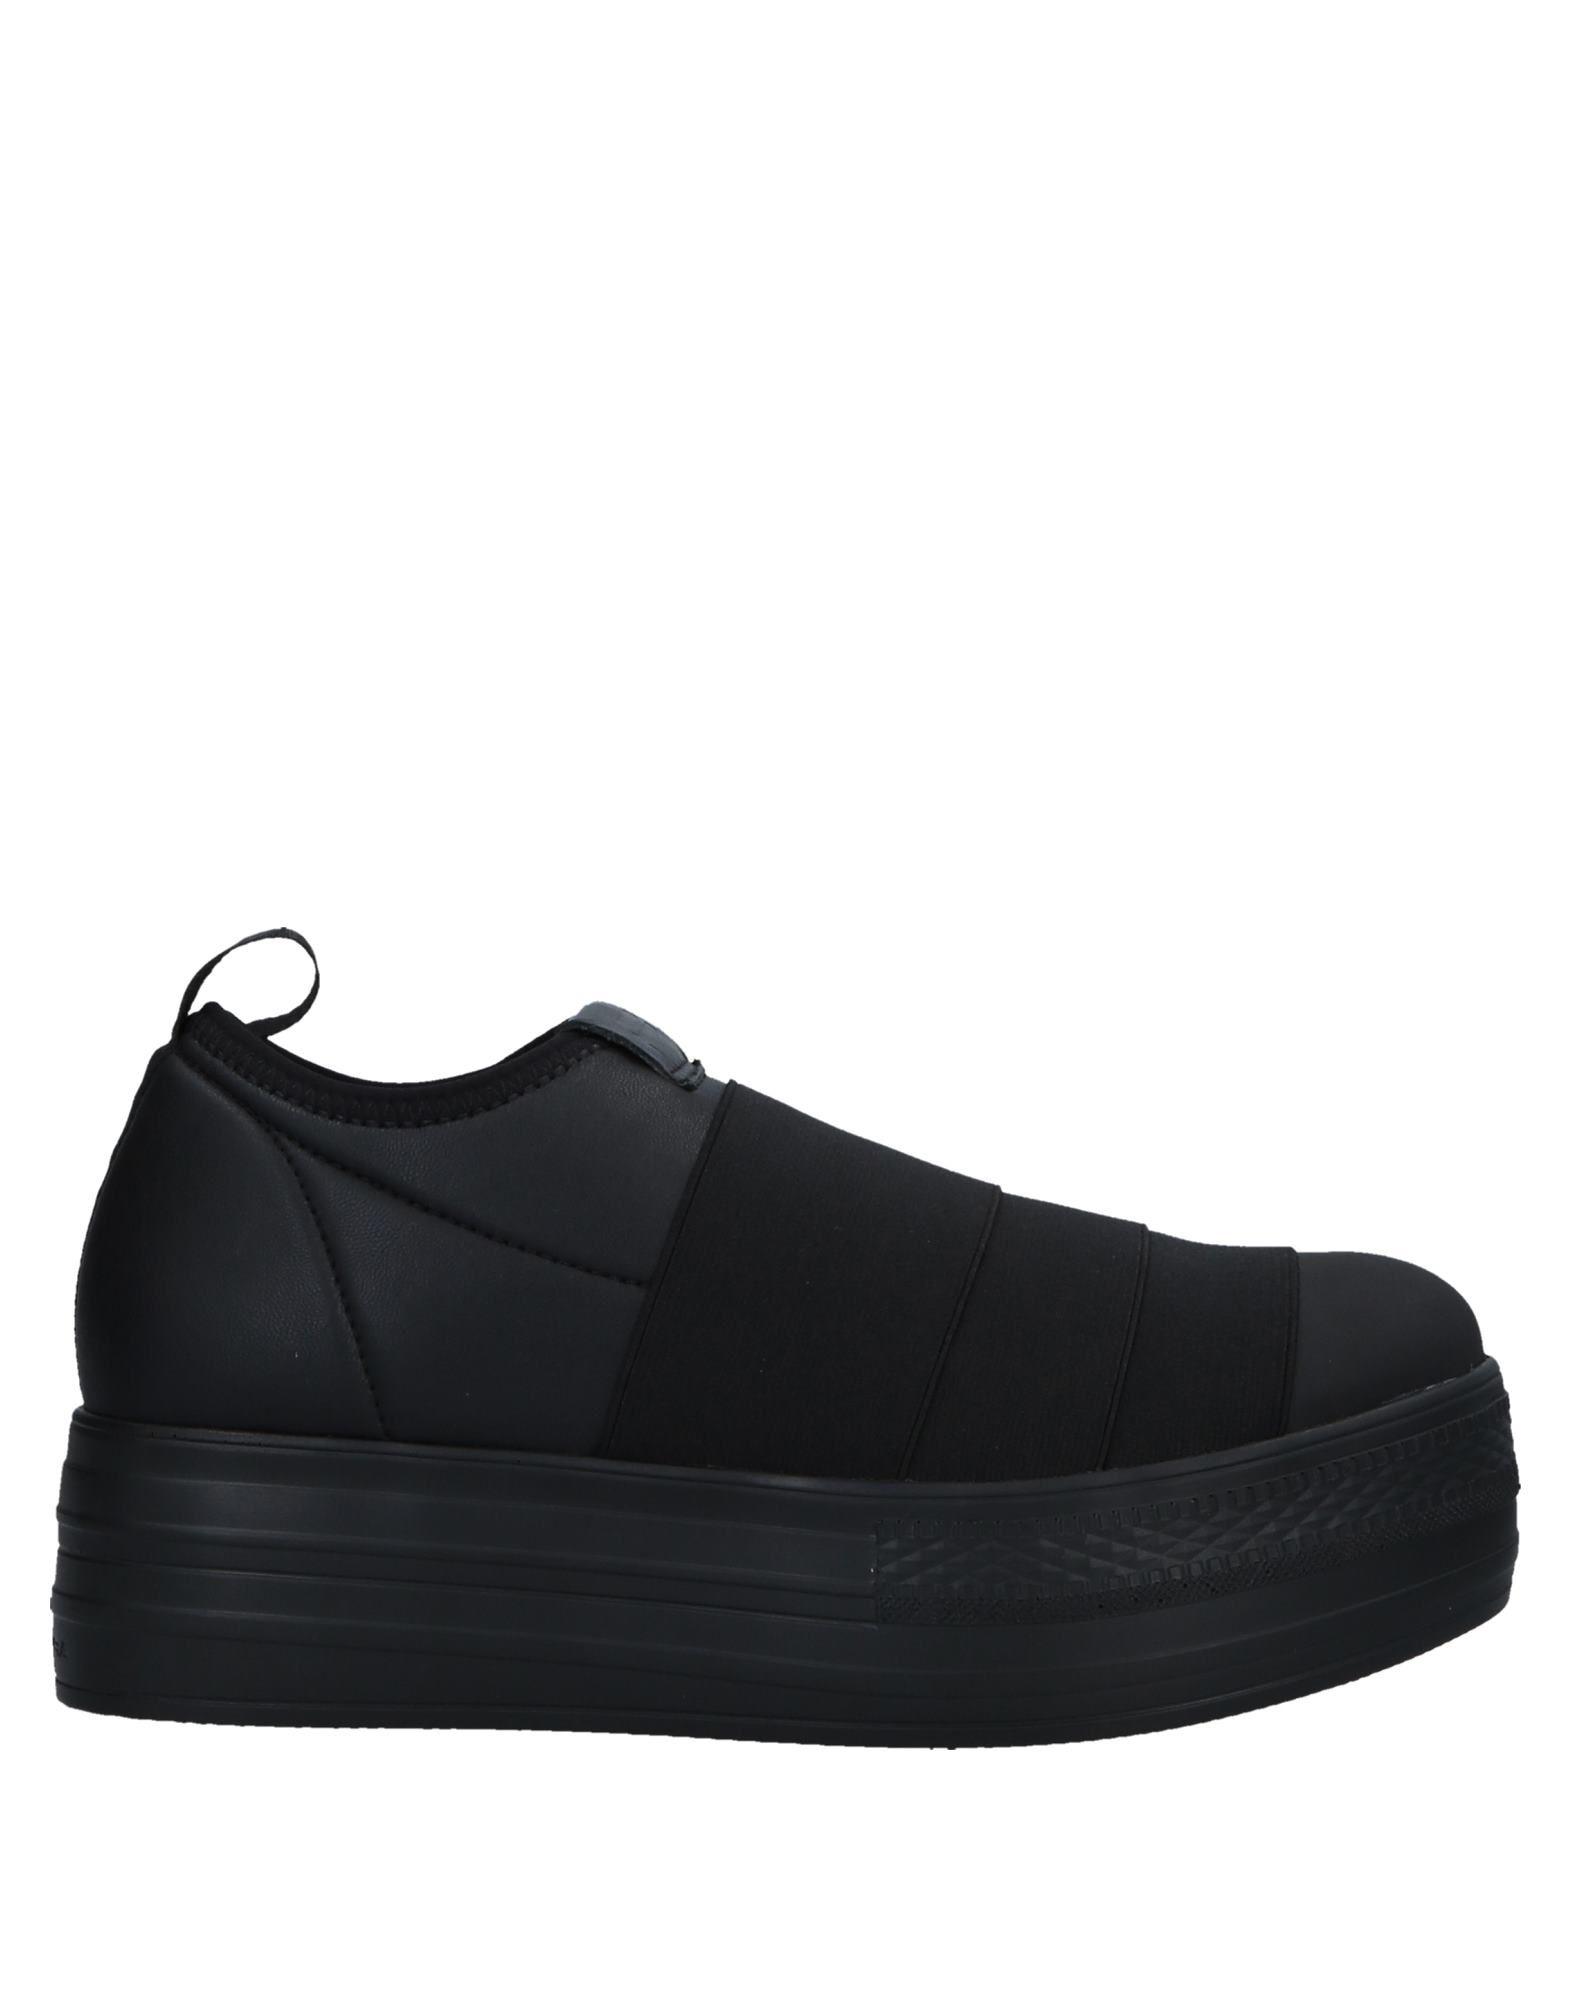 Scarpe economiche e resistenti Sneakers Fessura Donna - 11521658PJ